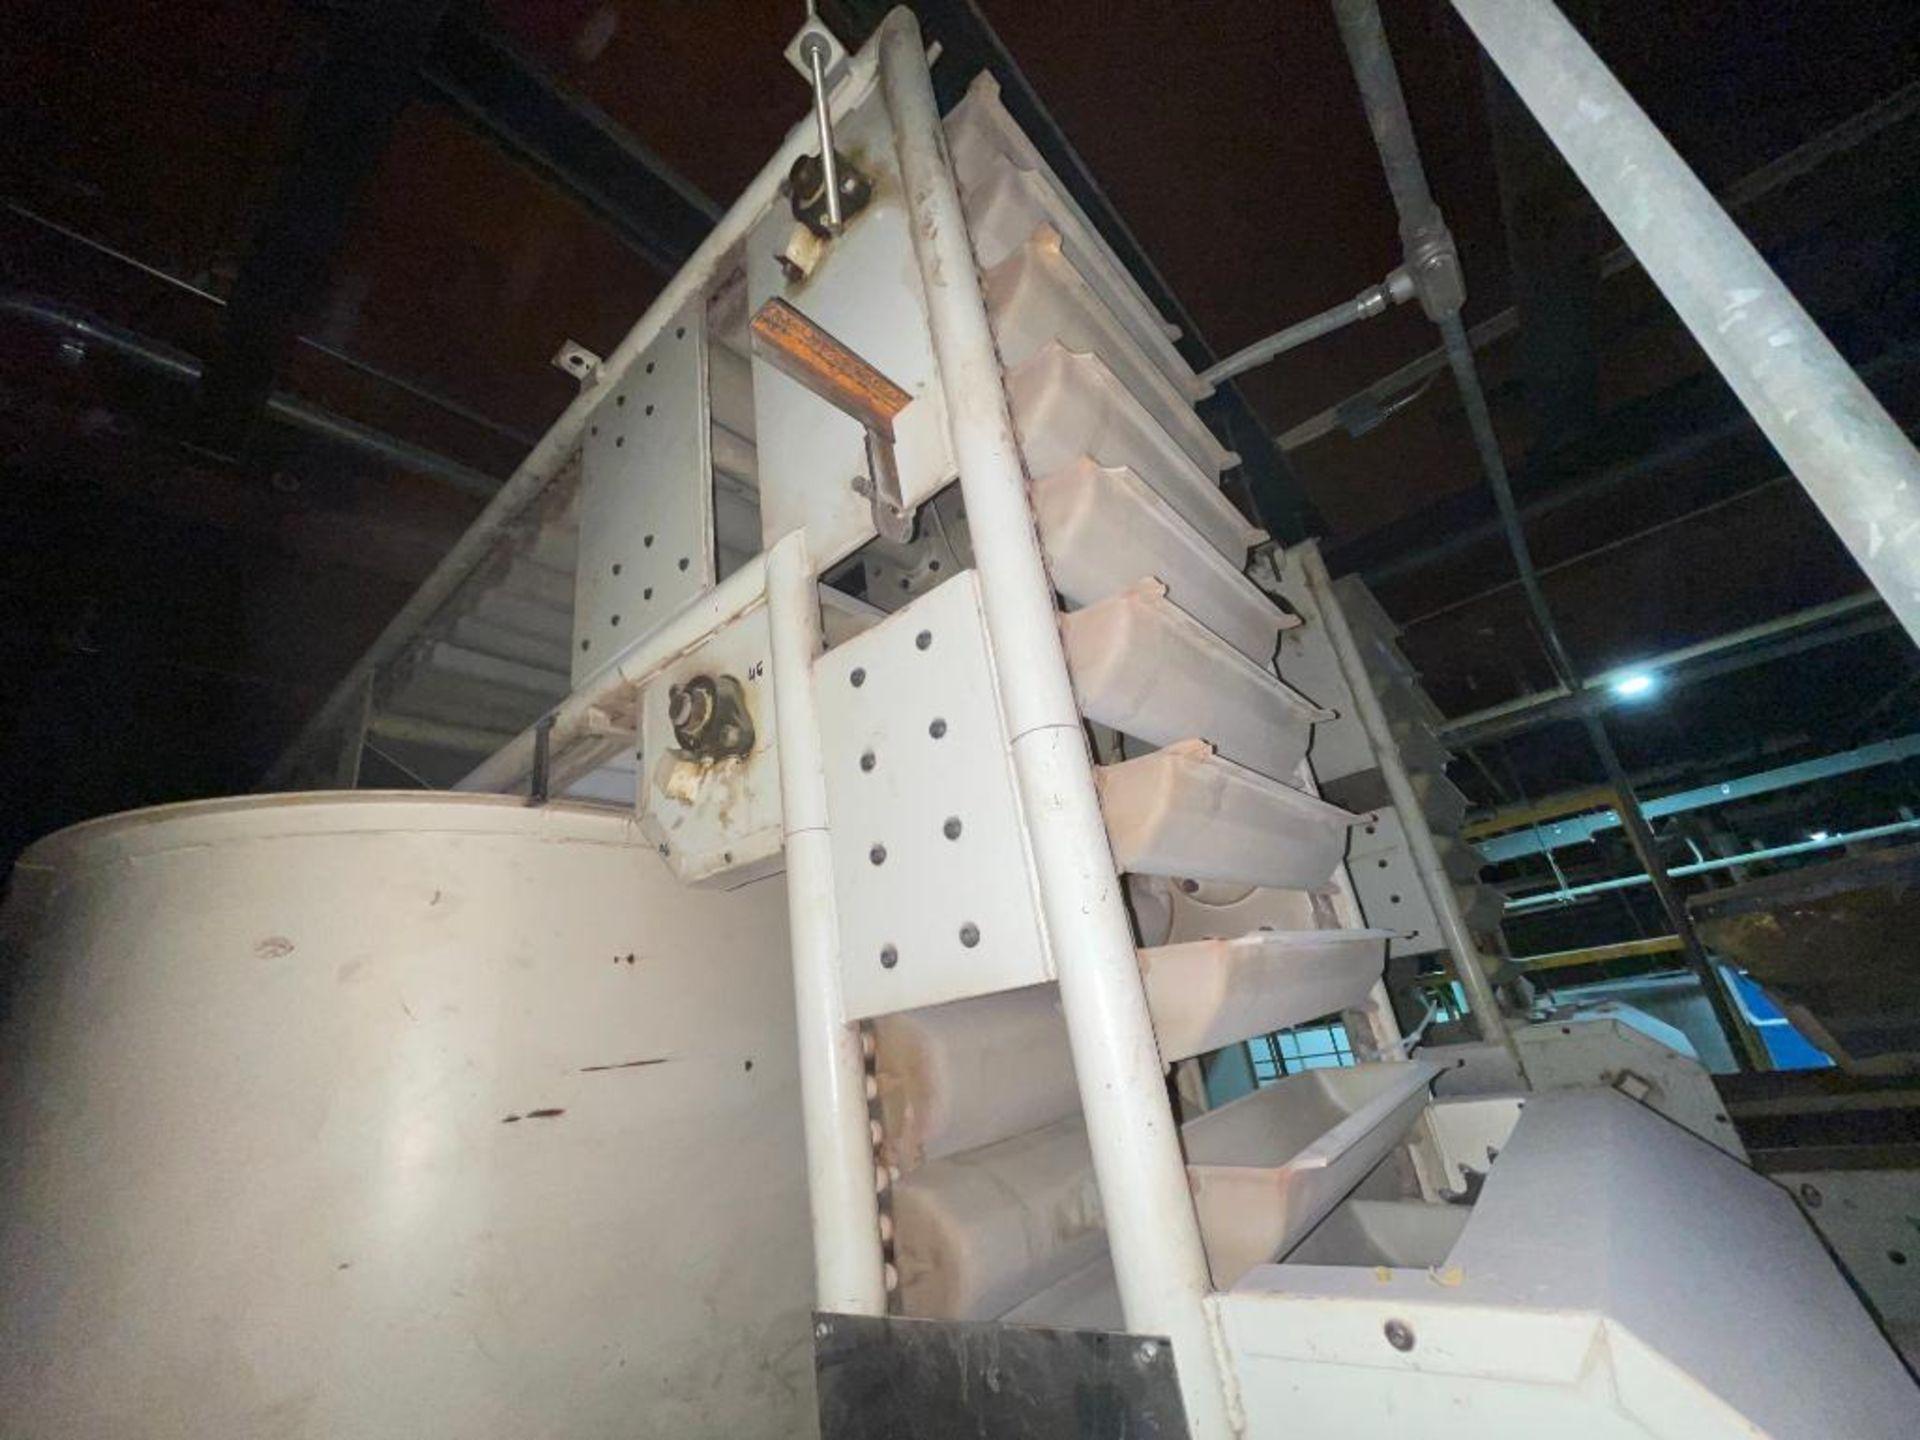 Aseeco horizontal overlapping bucket elevator - Image 8 of 10